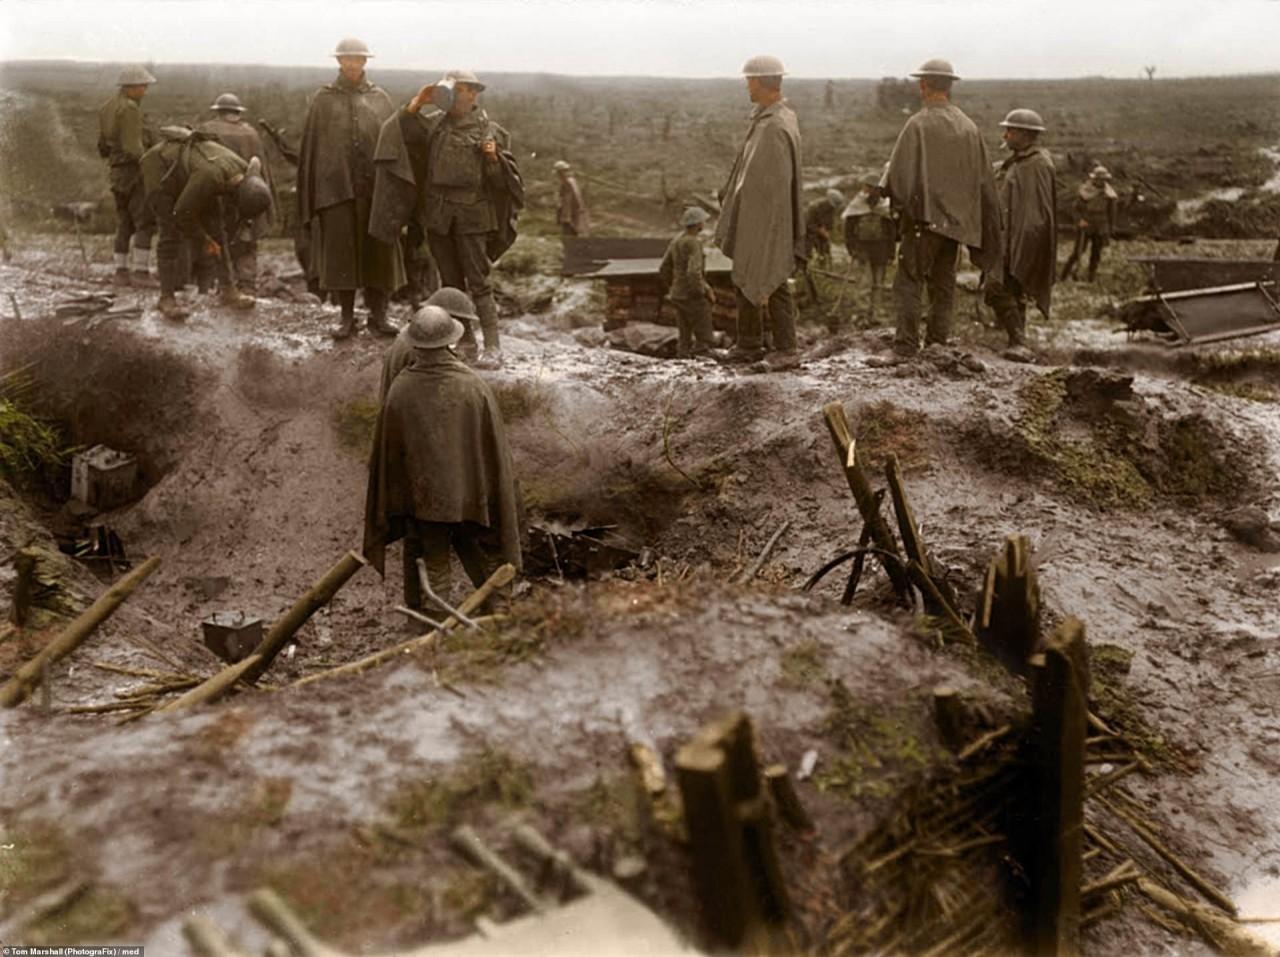 Солдаты новозеландского полка во время отдыха. Ипр, Бельгия архивное фото, колоризация, колоризация фотографий, колоризированные снимки, первая мировая, первая мировая война, фото войны